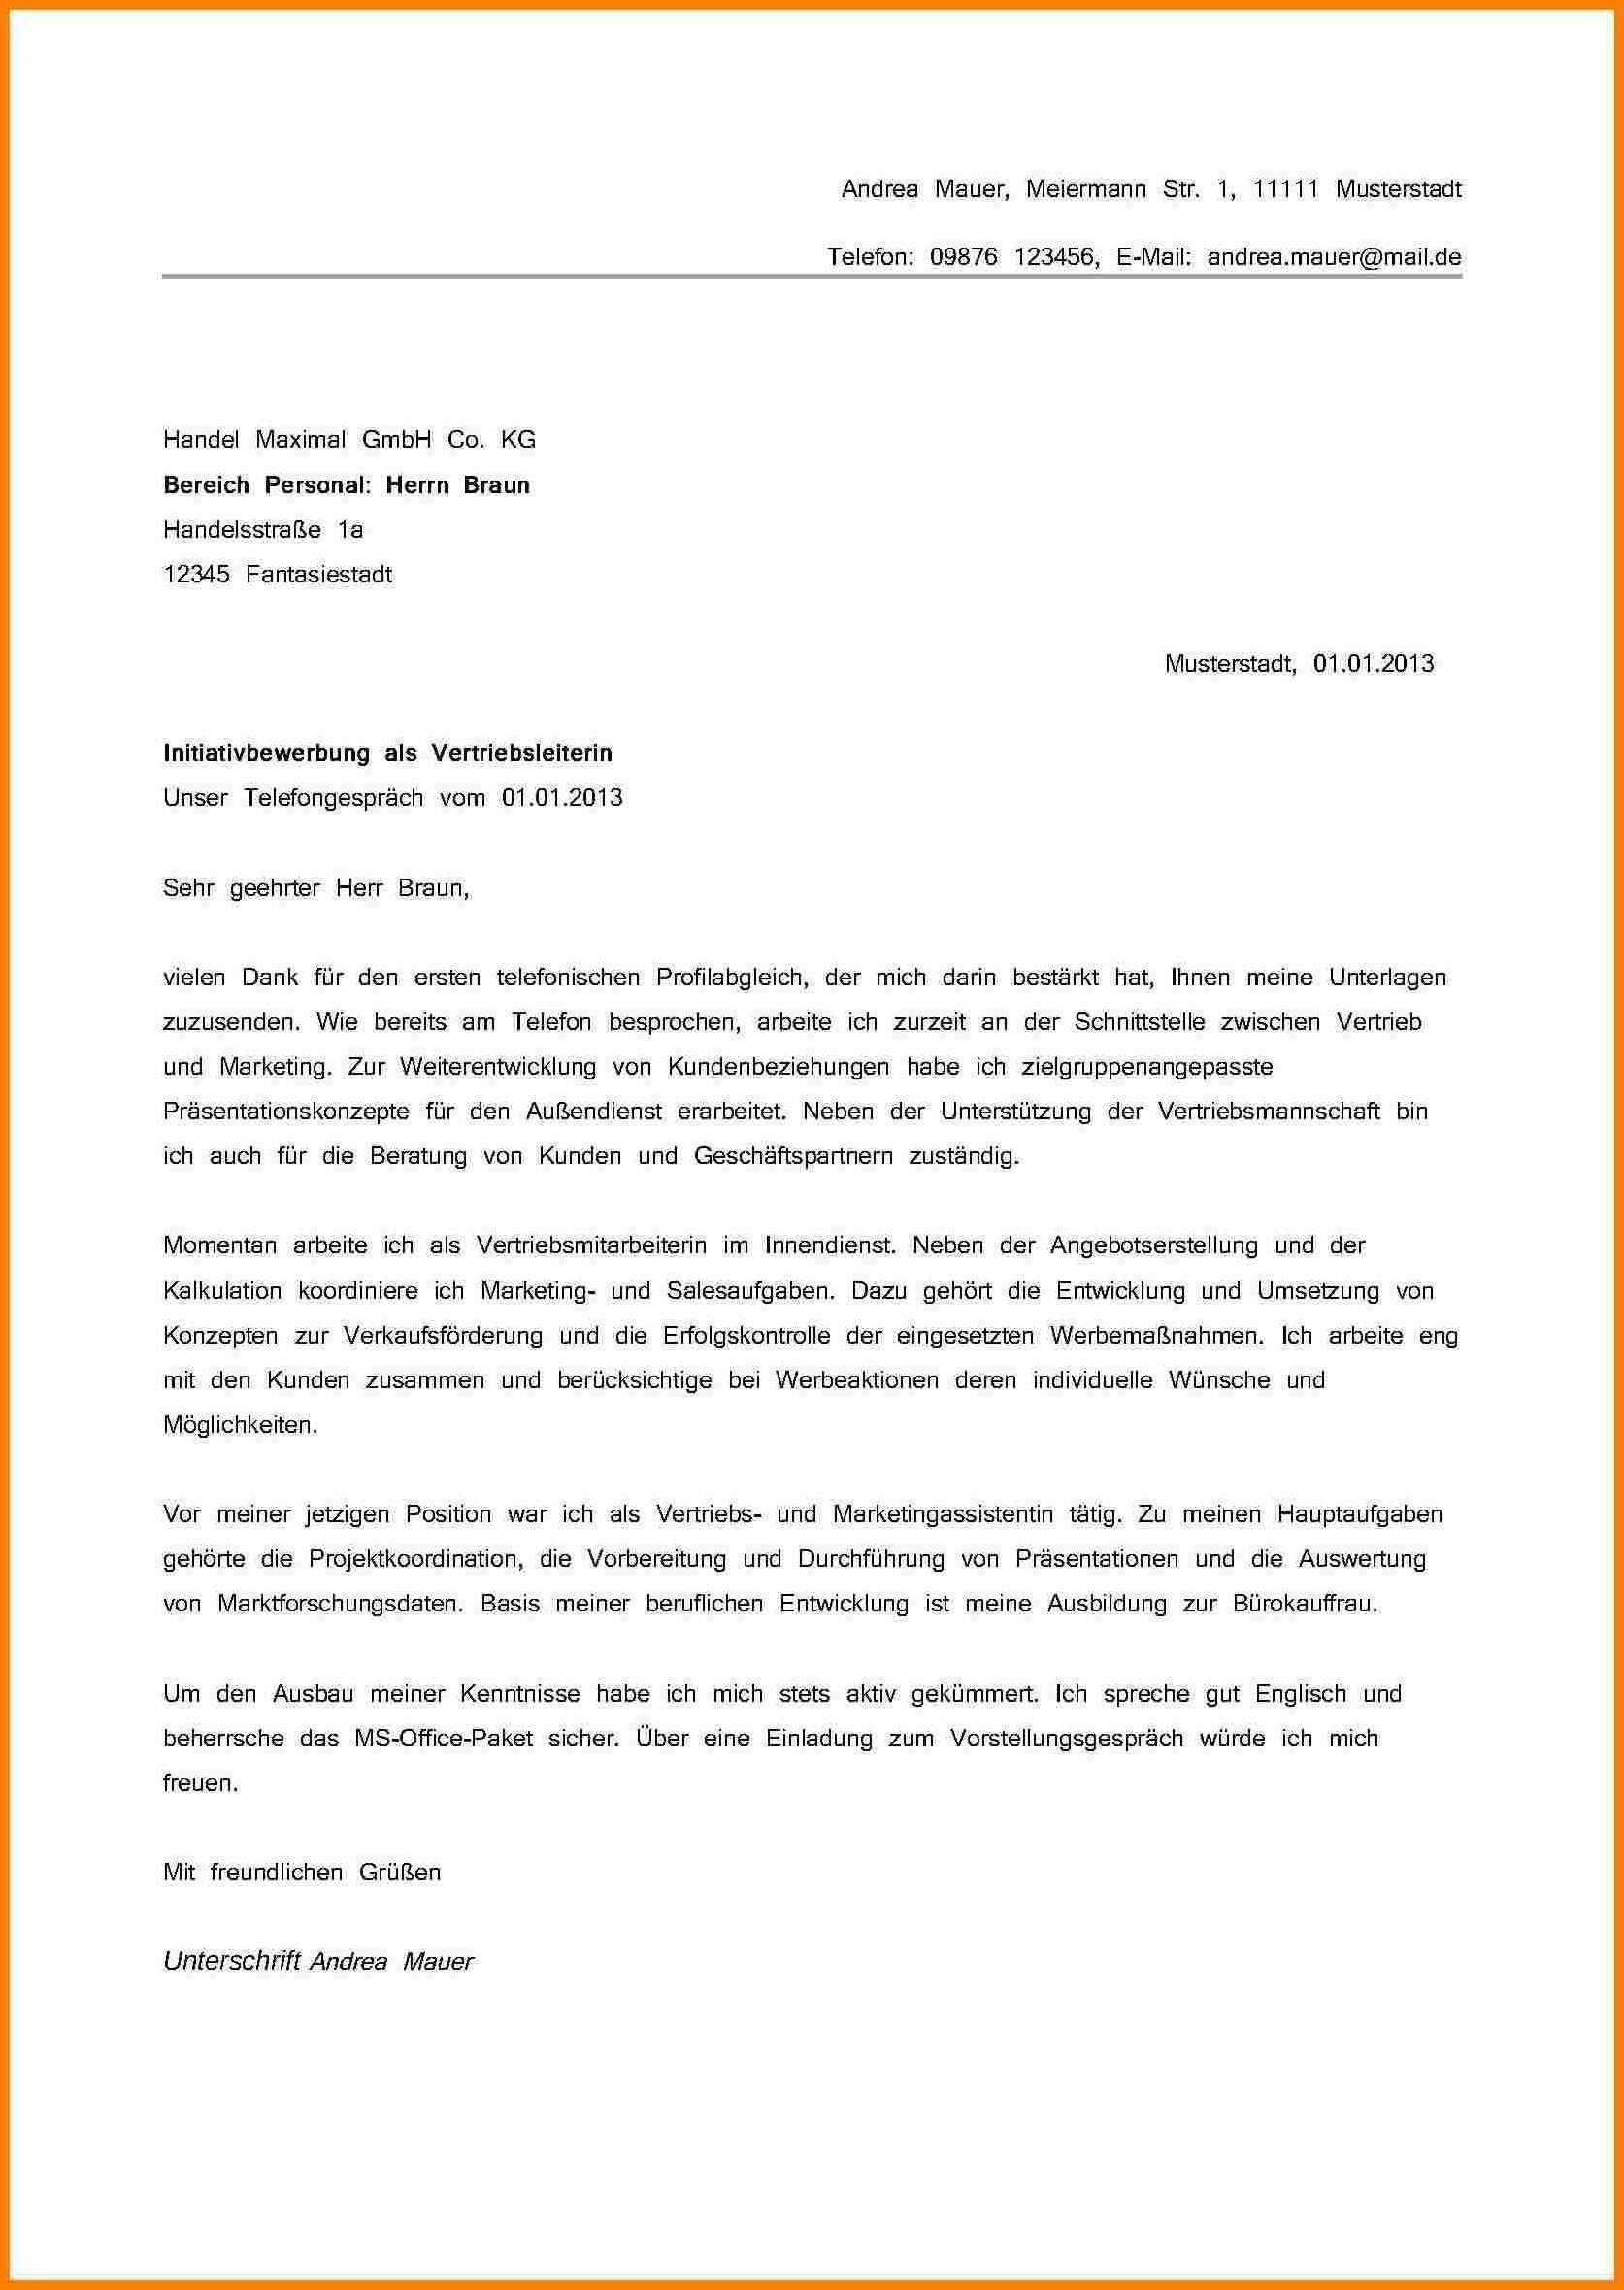 Neu Anschreiben Als Reinigungskraft Briefprobe Briefformat Briefvorlage Lebenslauf Vorlagen Lebenslauf Lebenslauf Muster